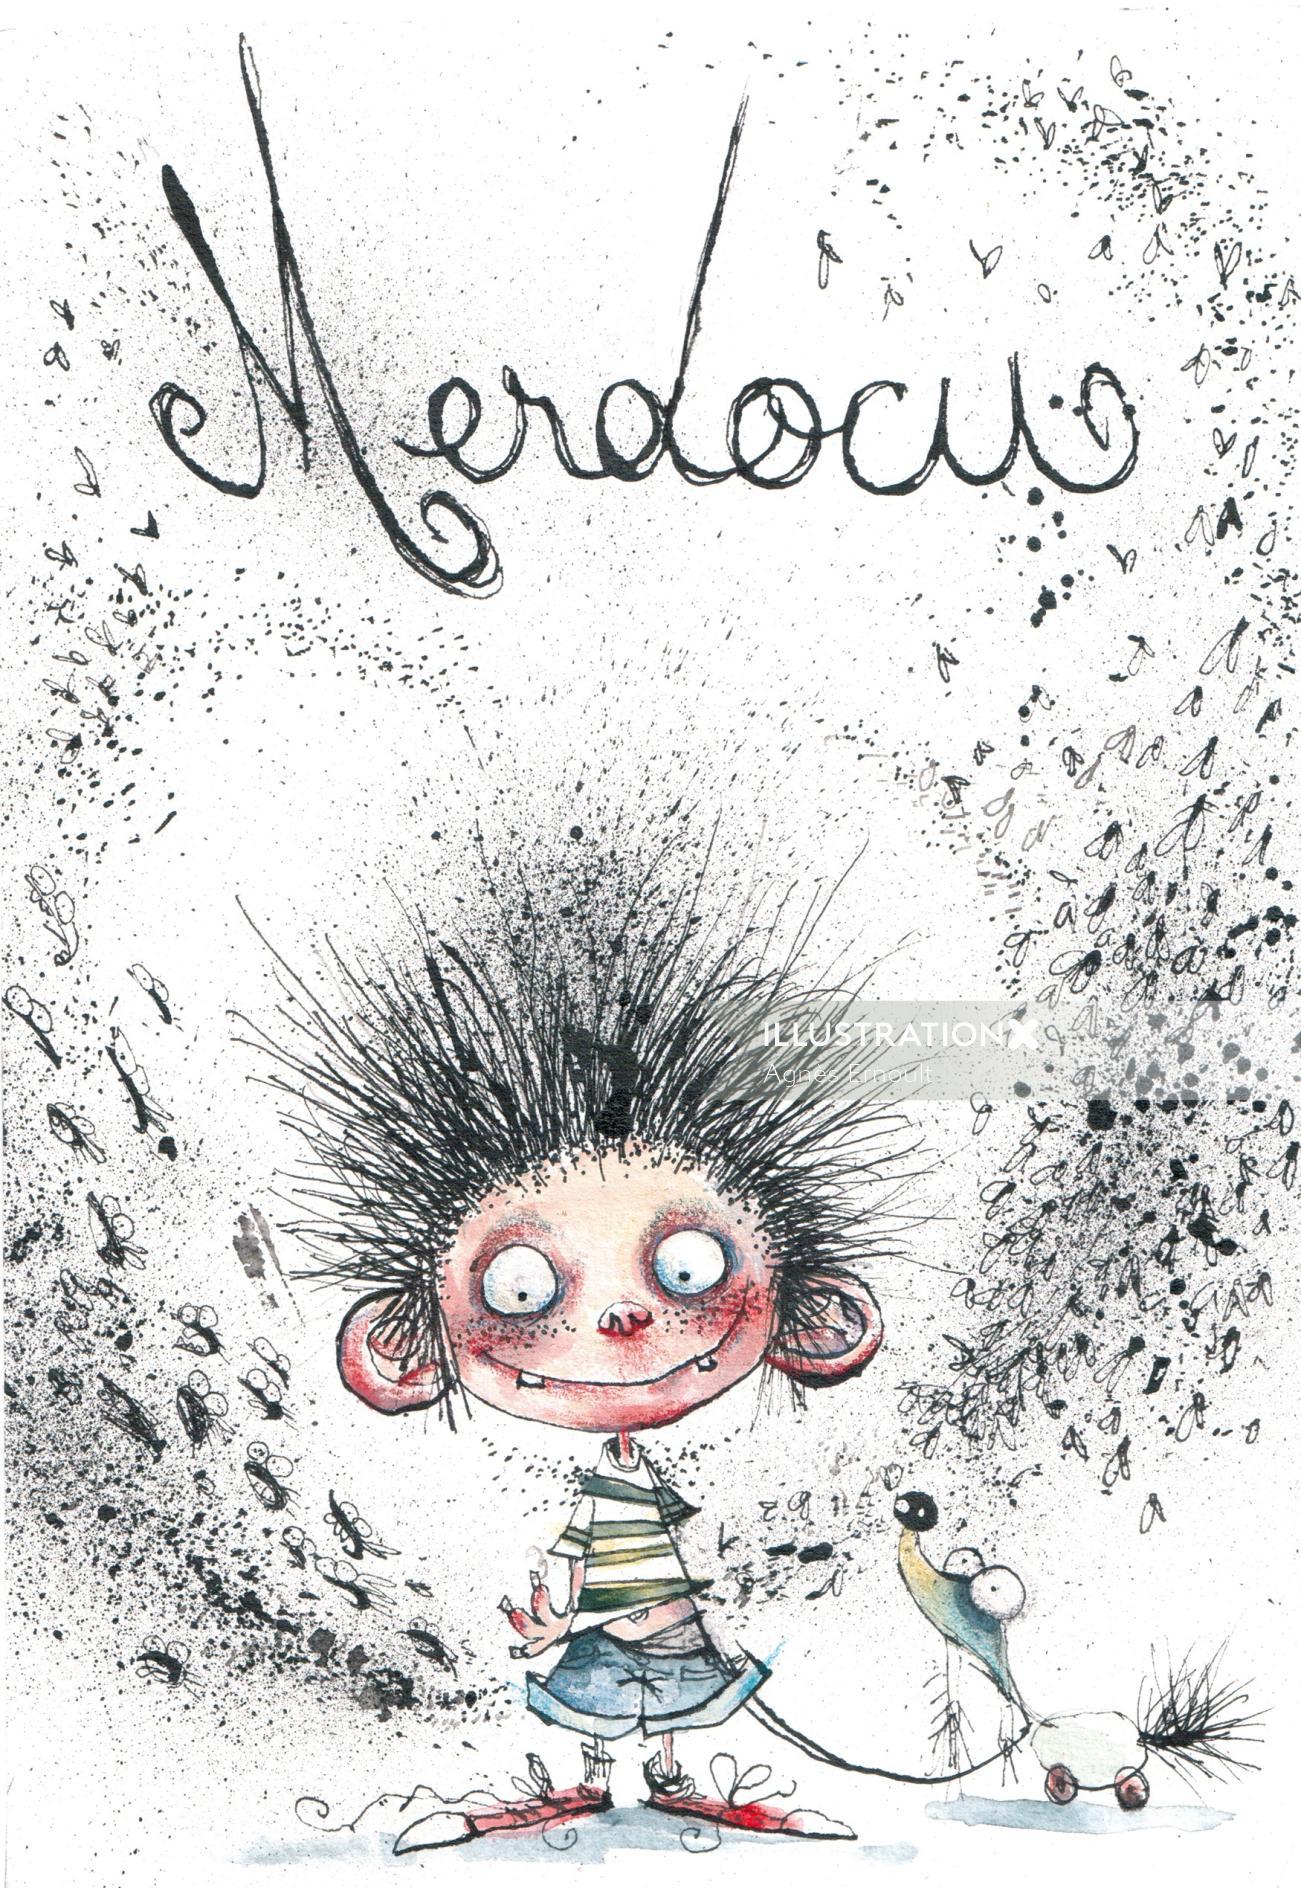 Album cover design of Merdocu